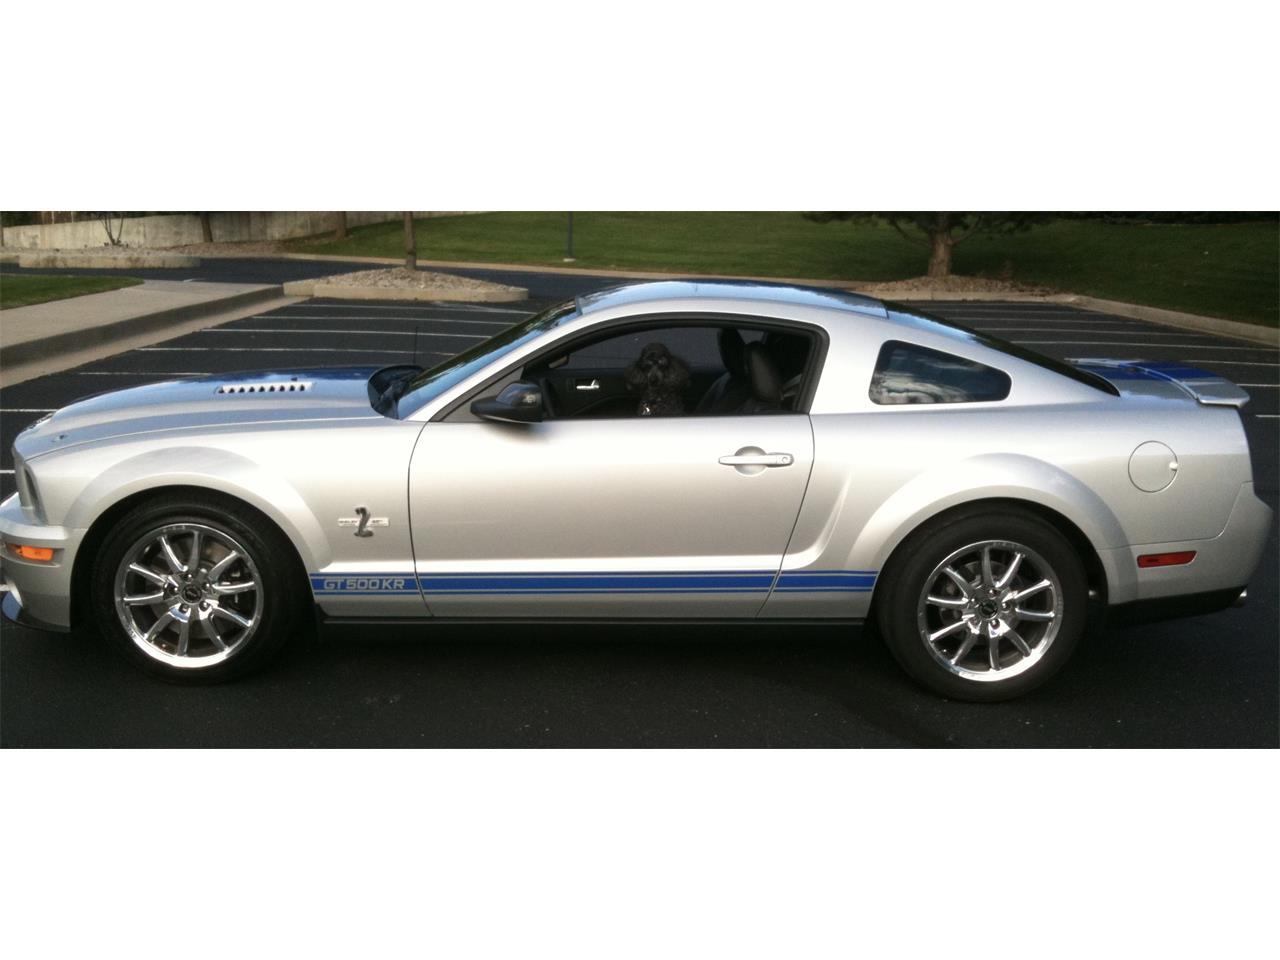 2008 Shelby GT500 (CC-1240841) for sale in COLORADO SPRINGS, Colorado